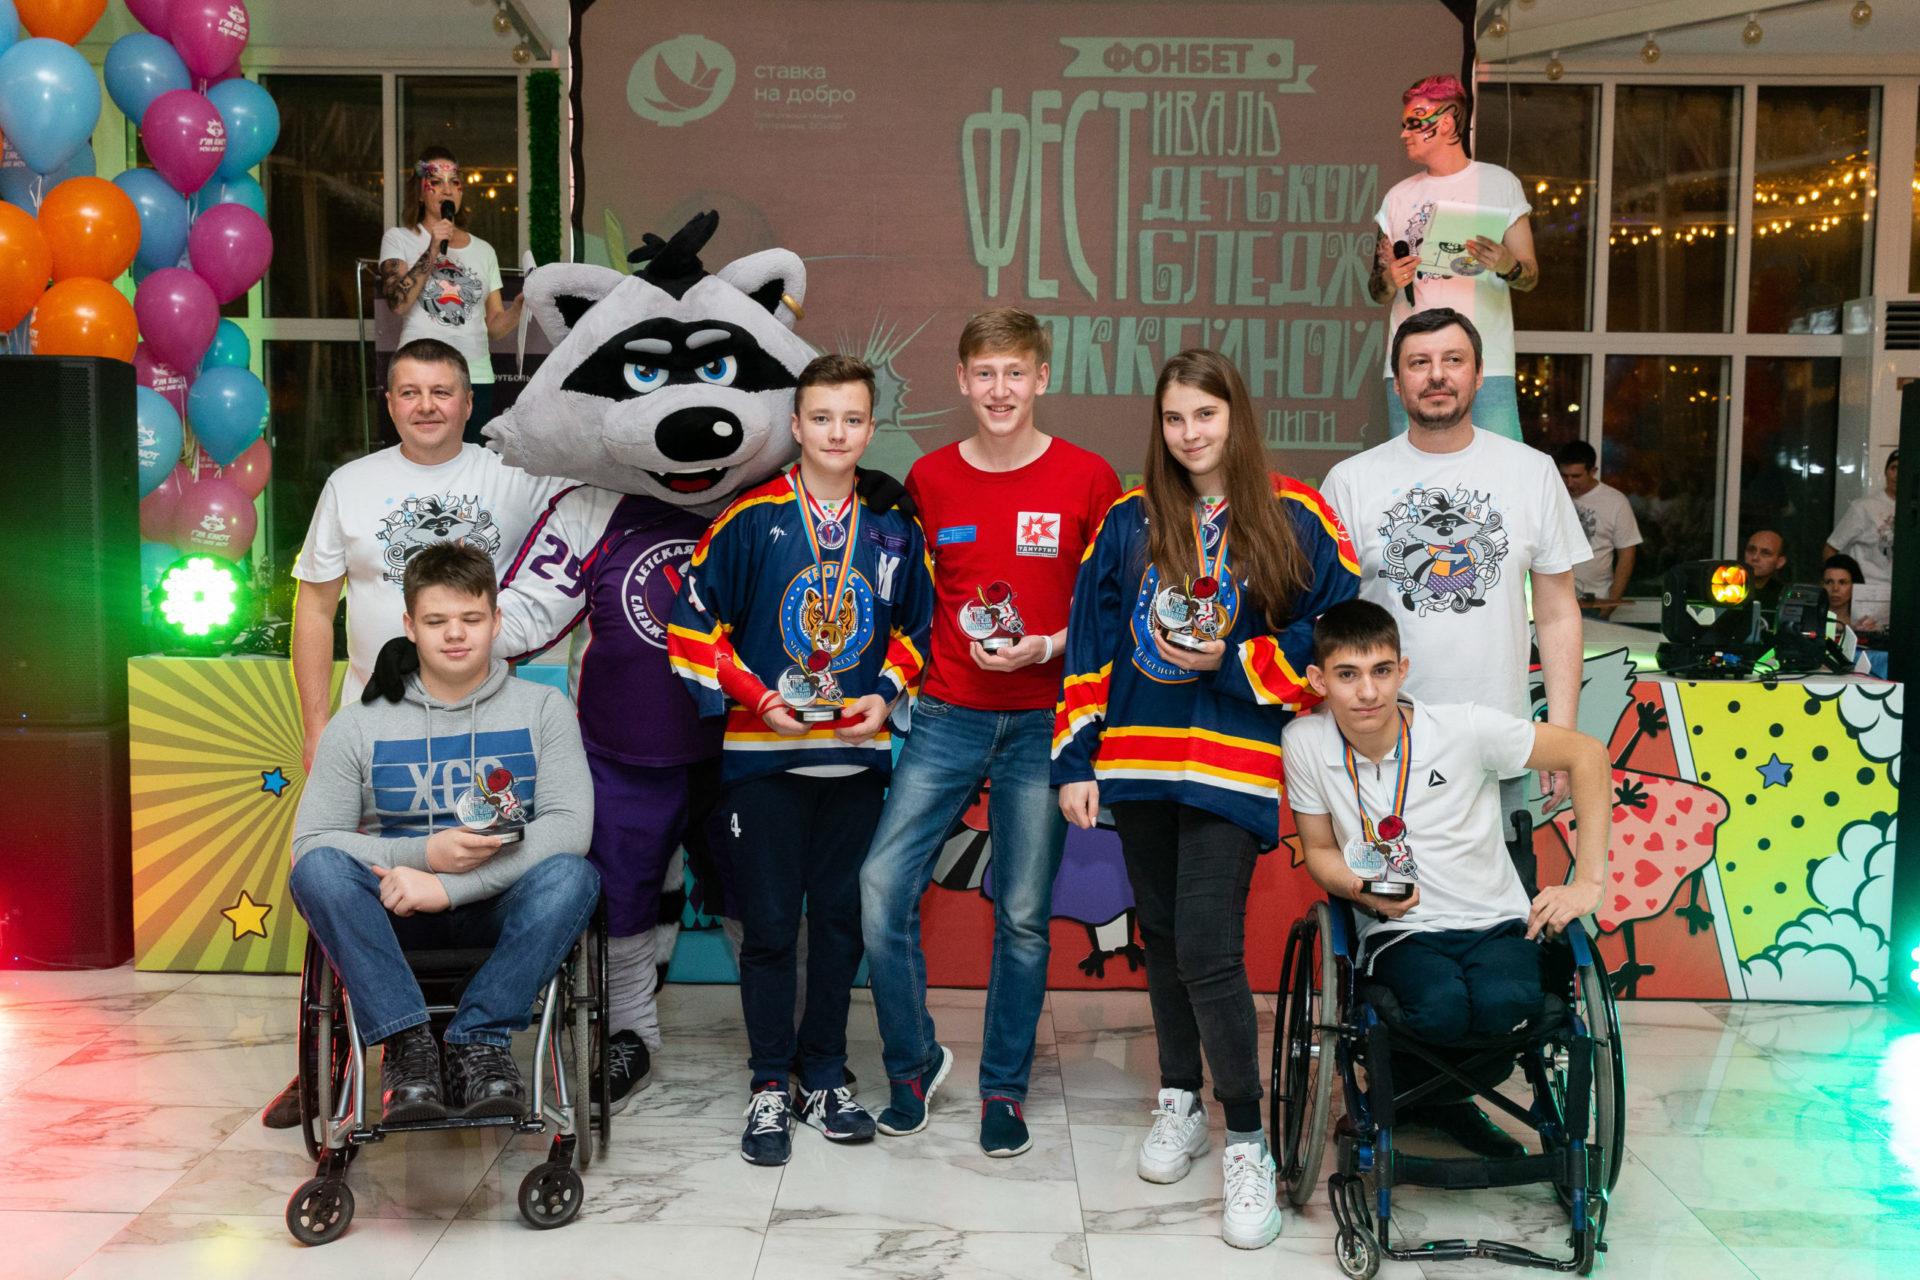 Команды из Тулы, Бердска, Ханты-Мансийска и Одинцово стали победителями «ФОНБЕТ Фестиваля детской следж-хоккейной лиги»